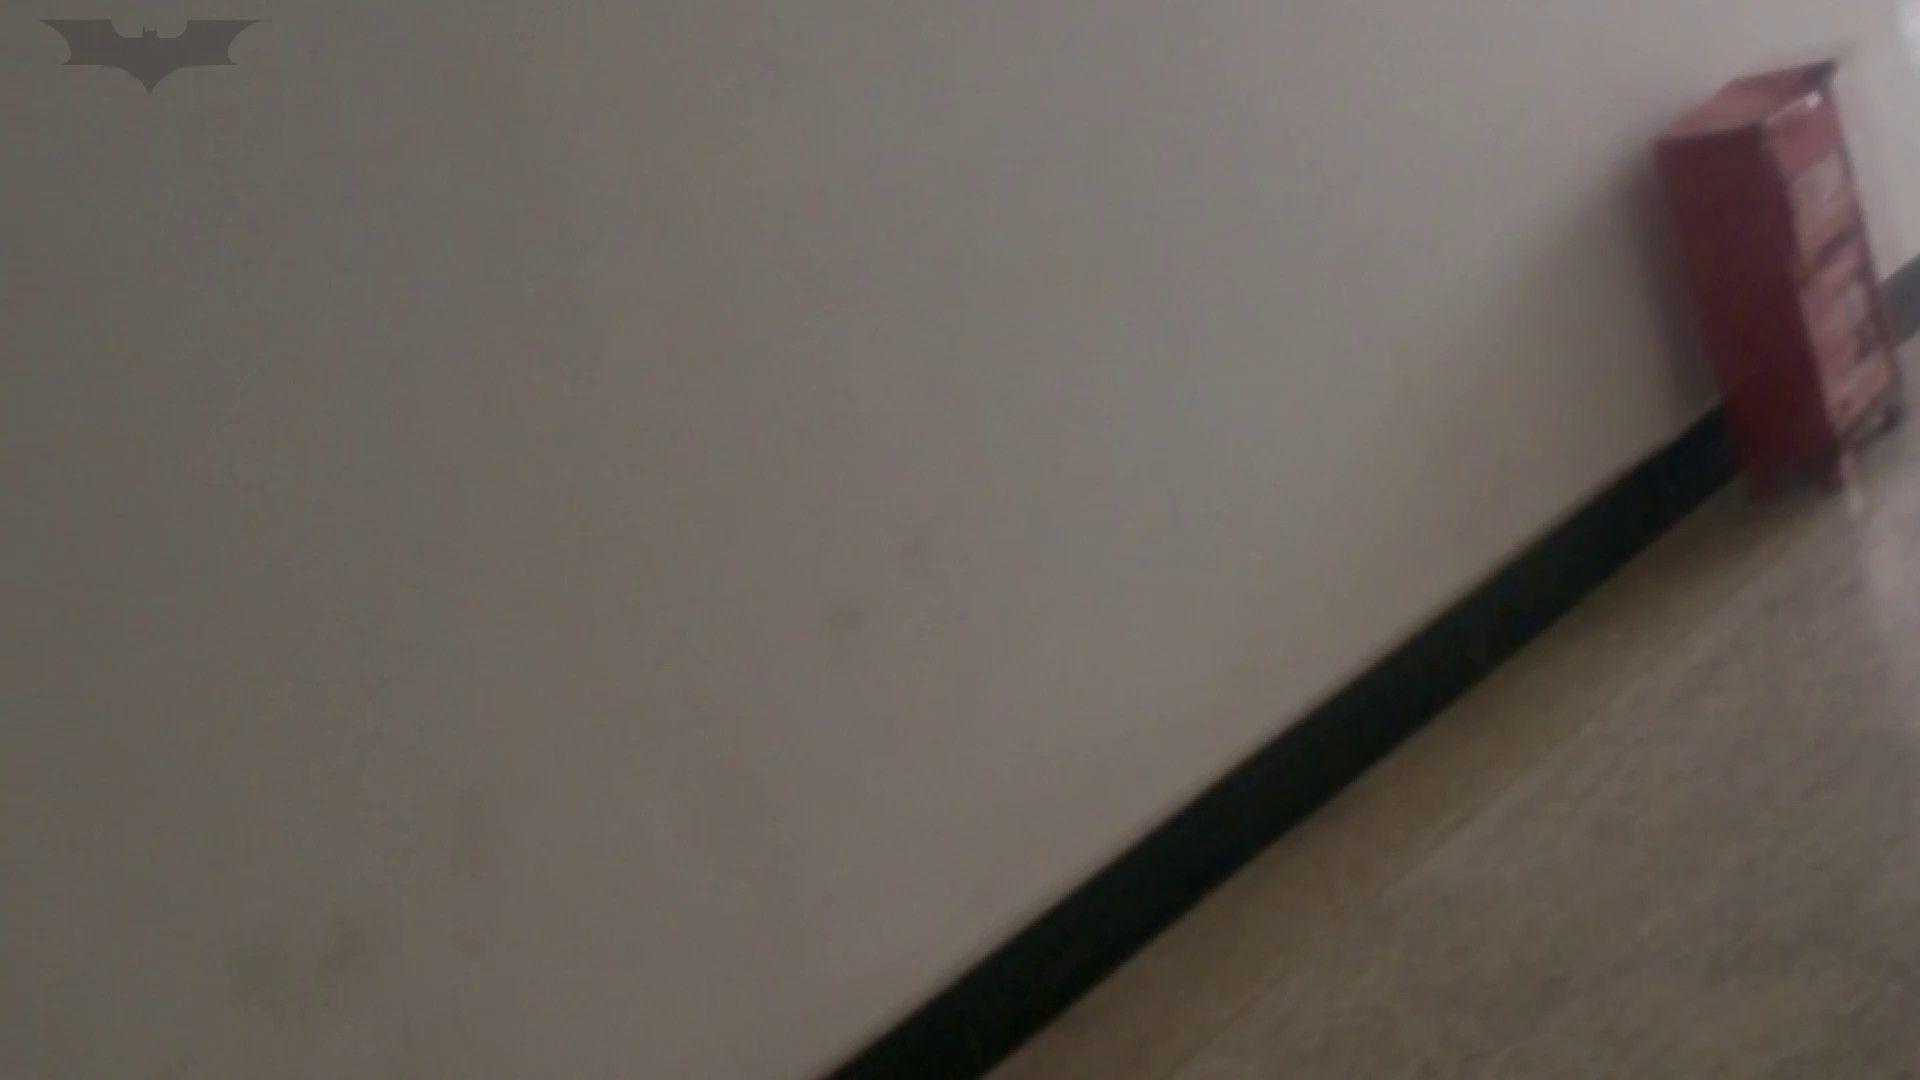 JD盗撮 美女の洗面所の秘密 Vol.02 むっちり すけべAV動画紹介 60画像 7